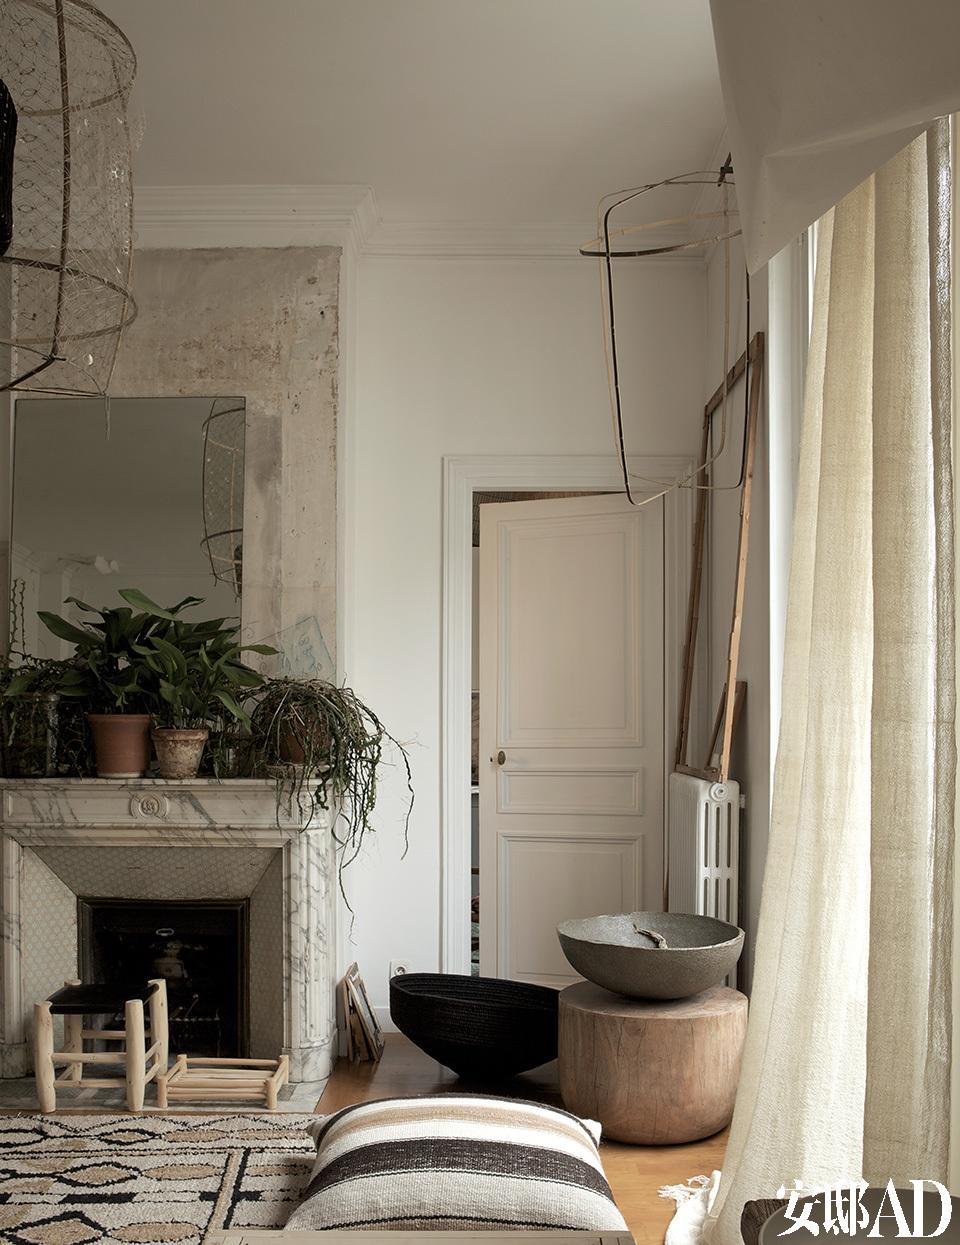 """""""我的灵感总是来自于有机的形态和手工制作的物品。小时候我玩的是土、石子儿、羽毛、木片,我会用这些自己做玩具。""""起居室另一端:摩洛哥地毯和木头凳子均由摩洛哥Ay Illuminate的Honore手工制作出品。羊驼毛条纹大靠垫来自秘鲁,大件陶瓷艺术品来自Fernando Casasempere。"""